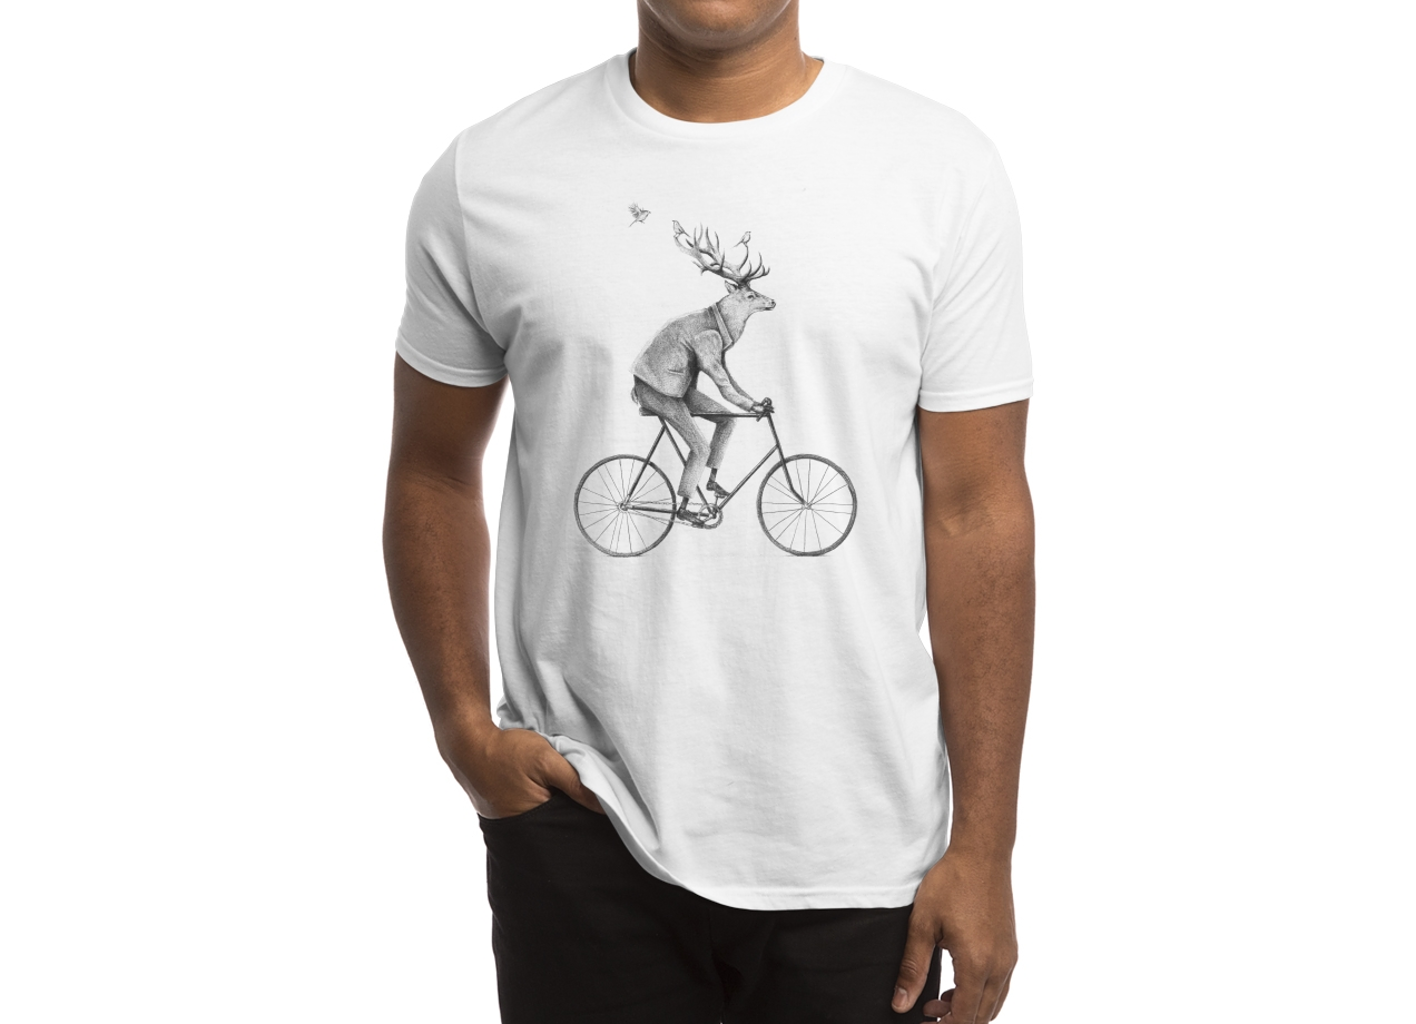 Threadless: Even a Gentleman rides